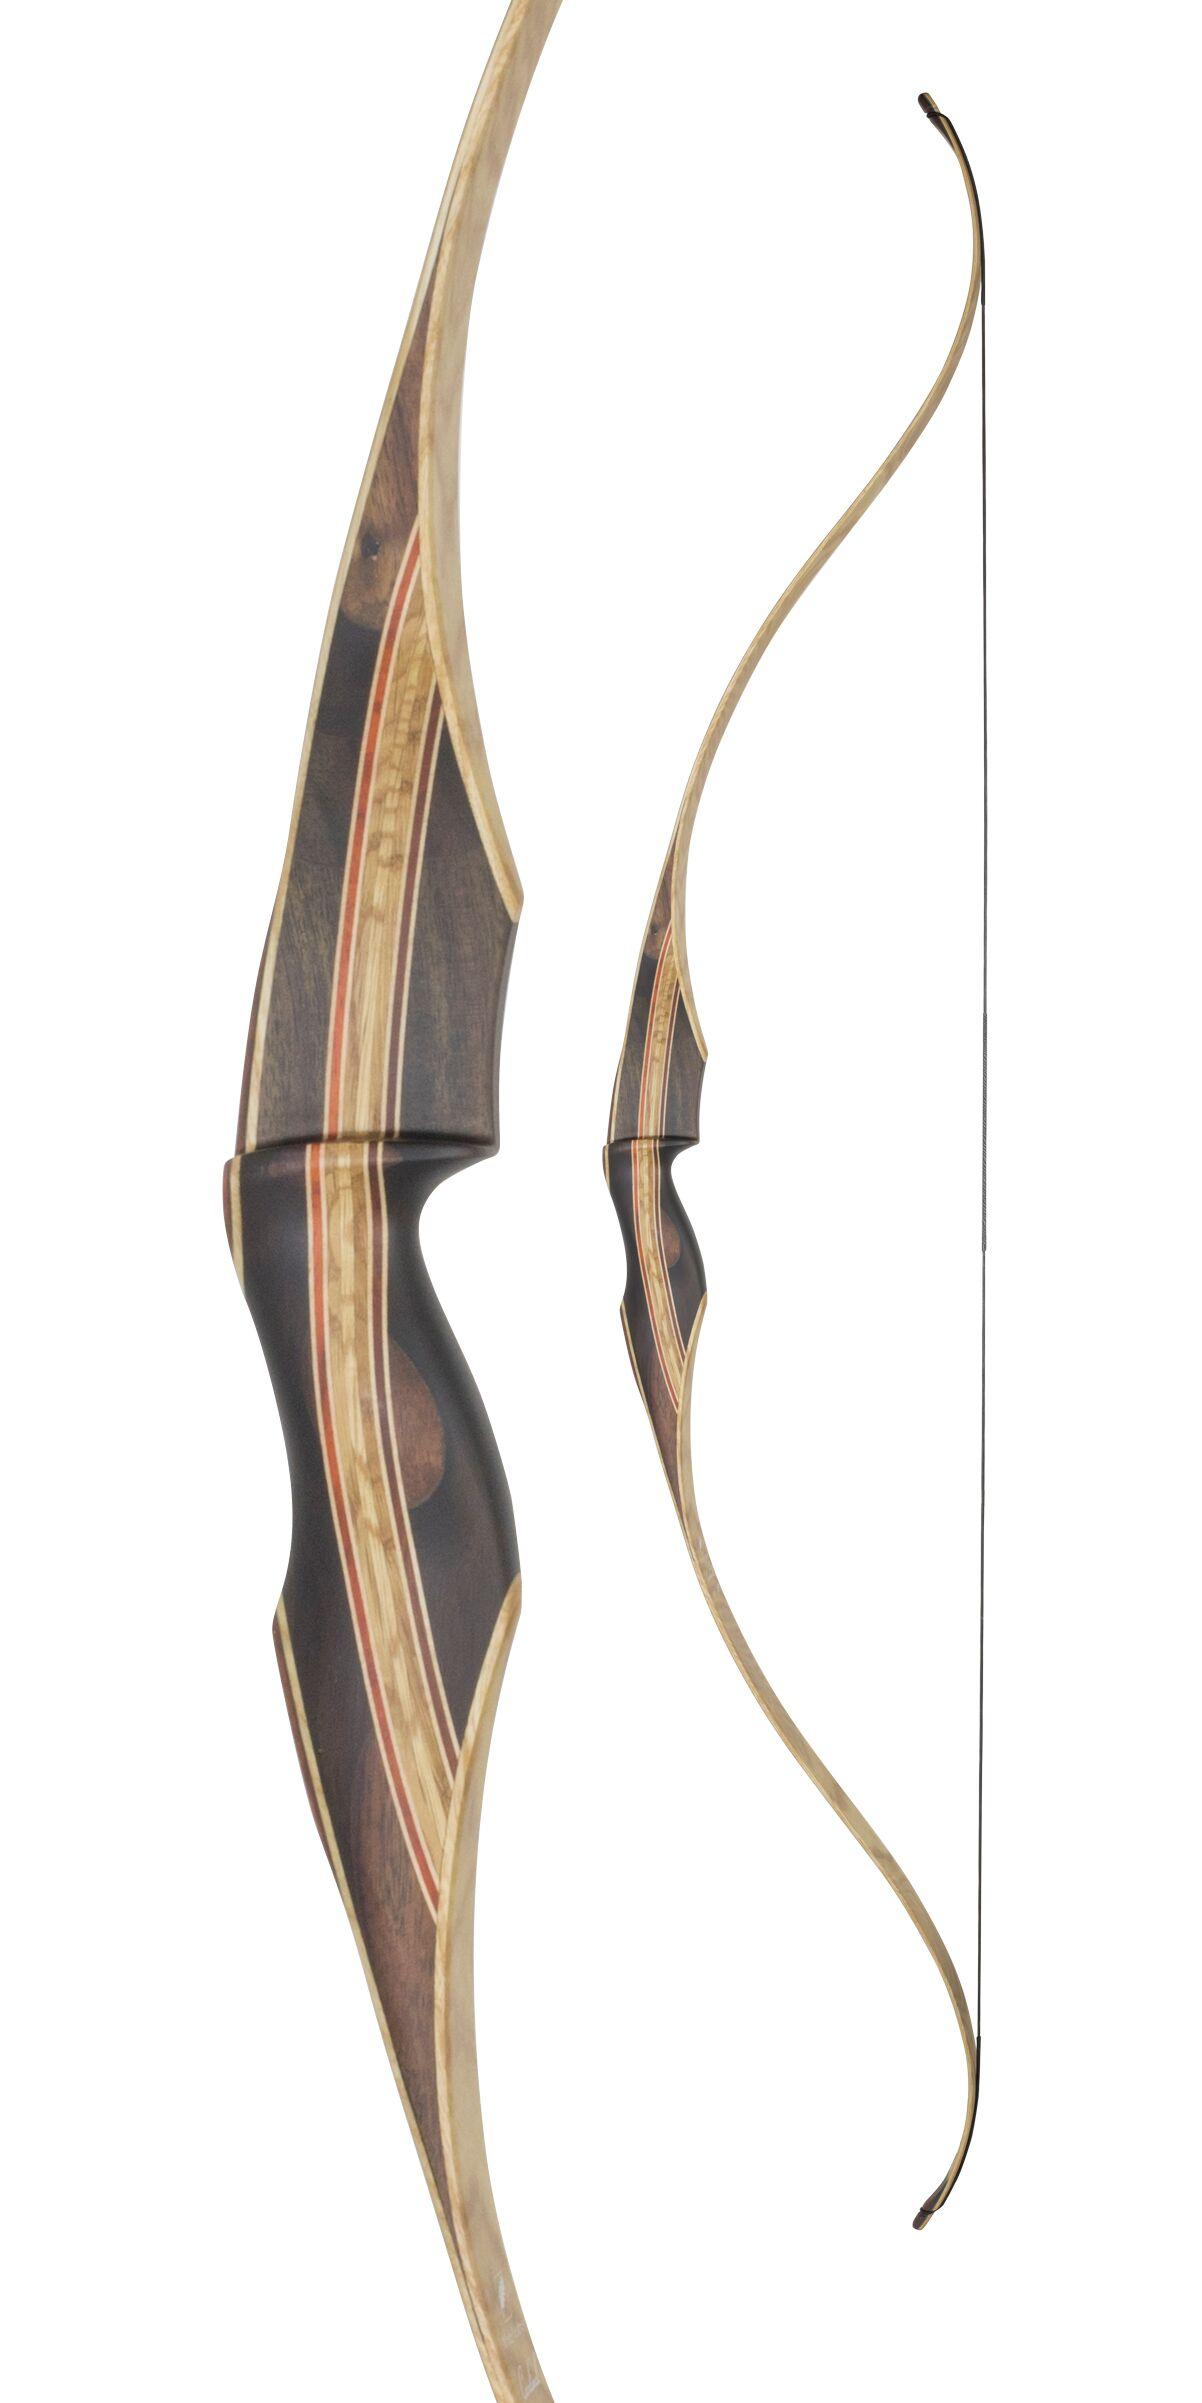 Bogenschießen Zubehör Bpgen Wickelgerät aus Messing